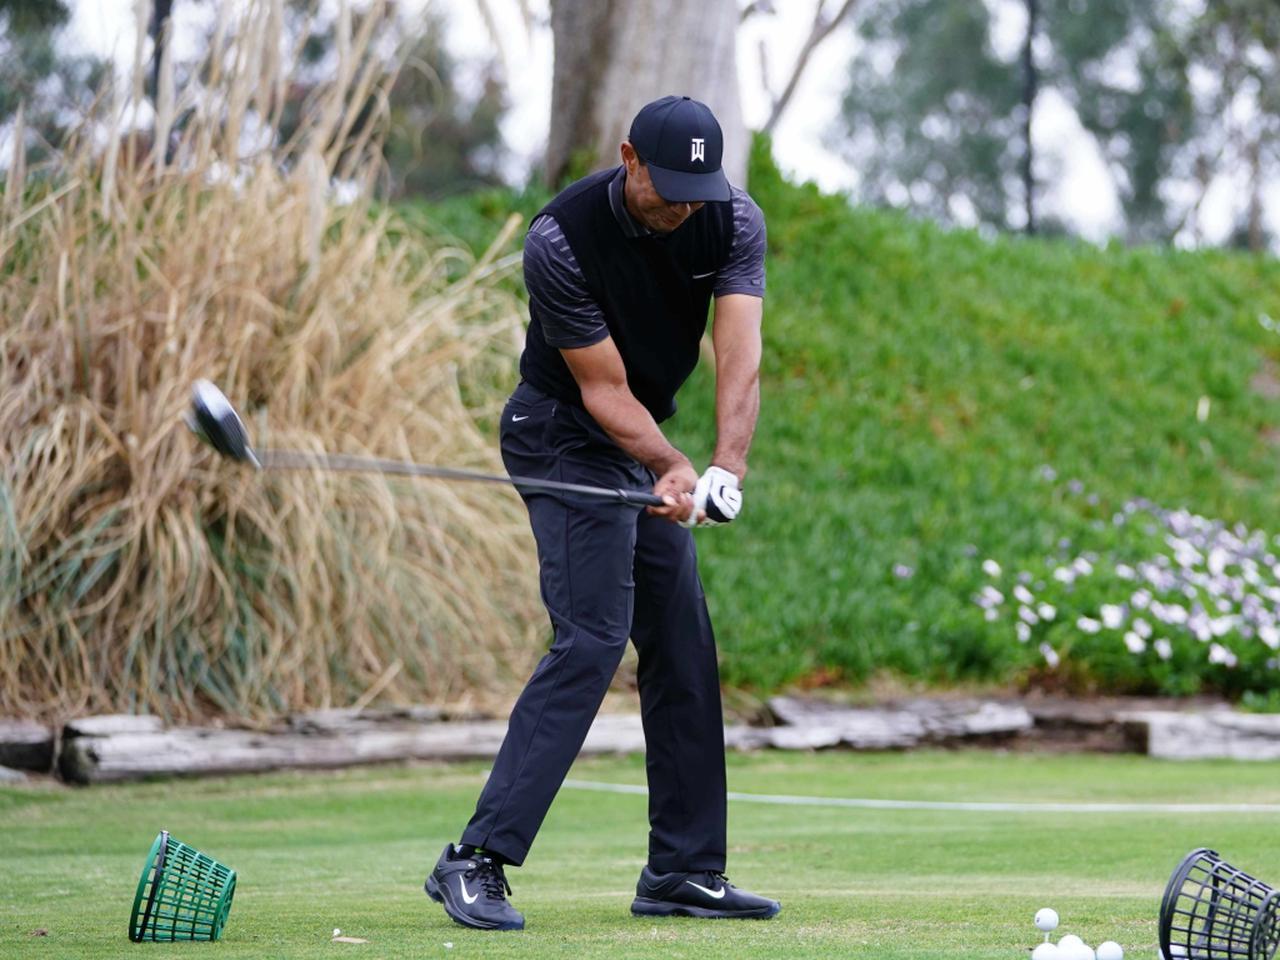 画像: 写真C:ダウンスウィングでは腰よりも右ひじのほうが先行している